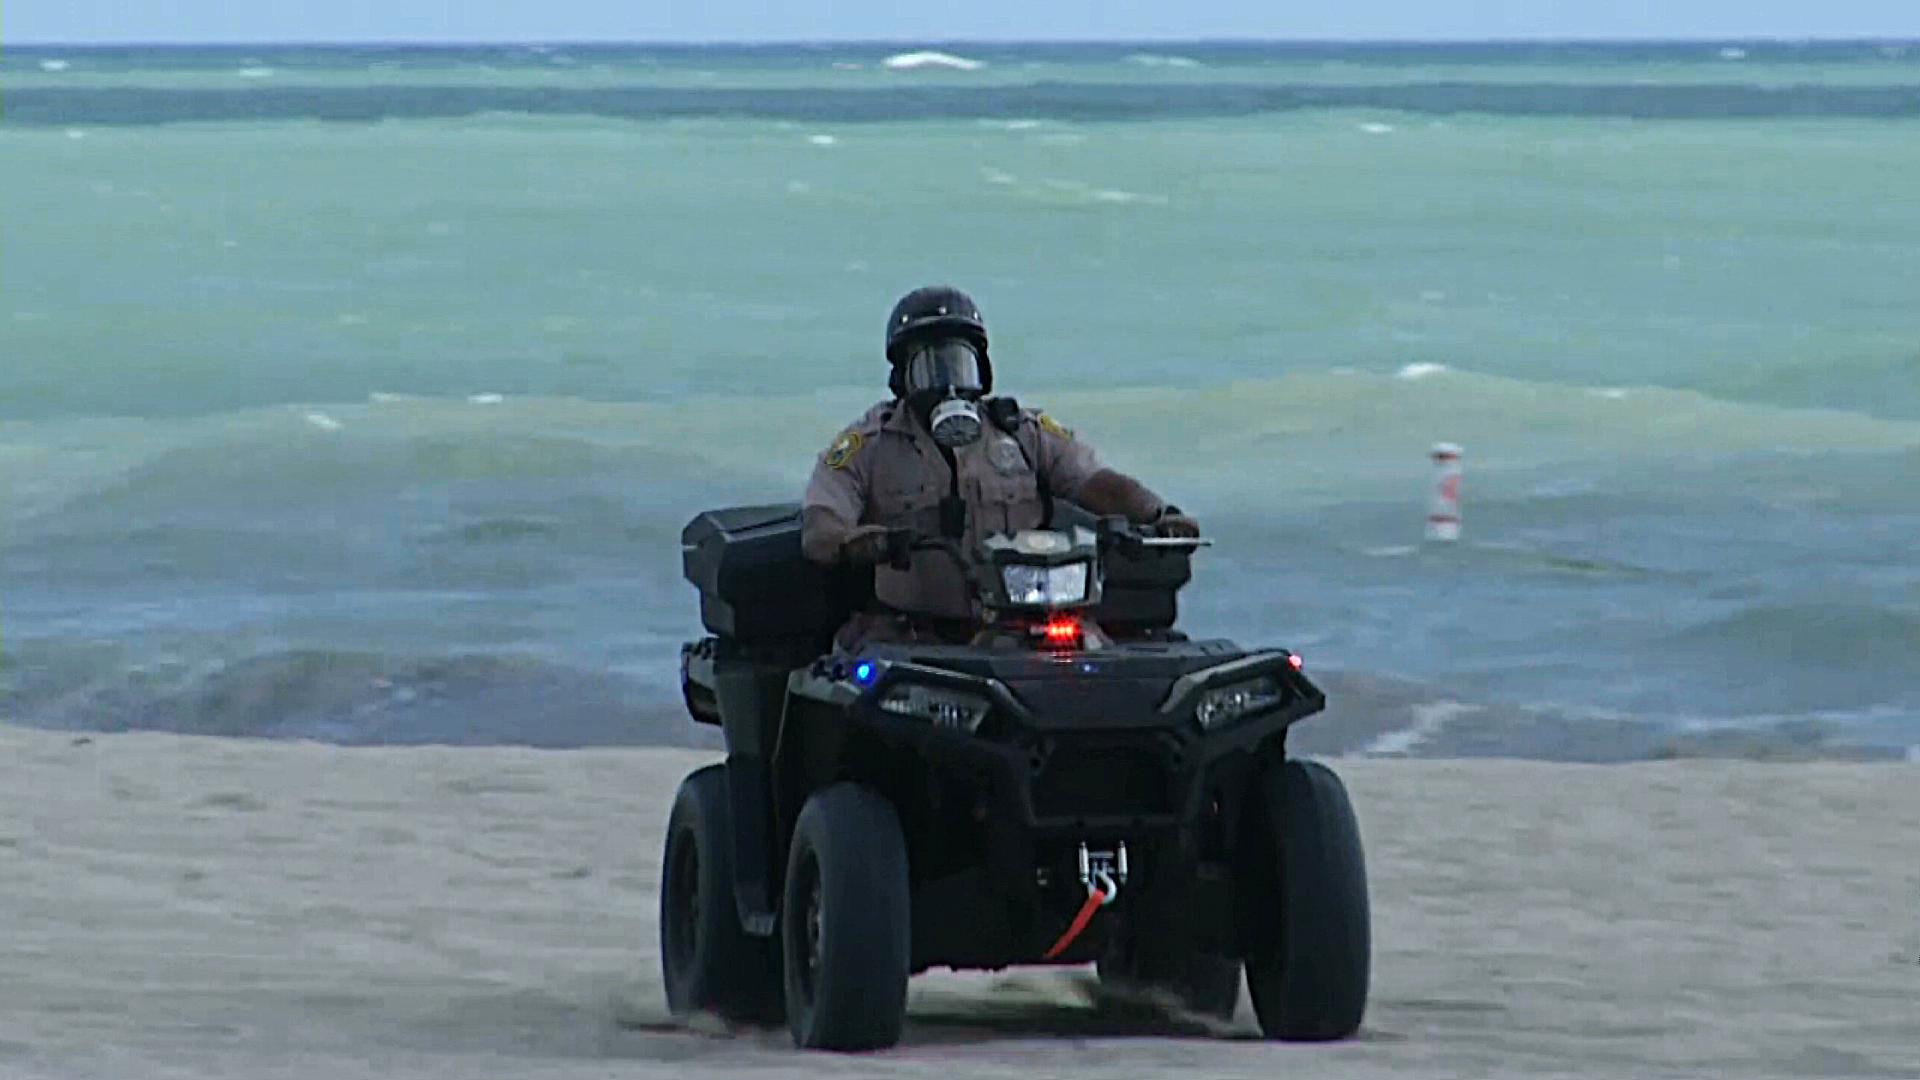 Atv Riding South Beach Miami